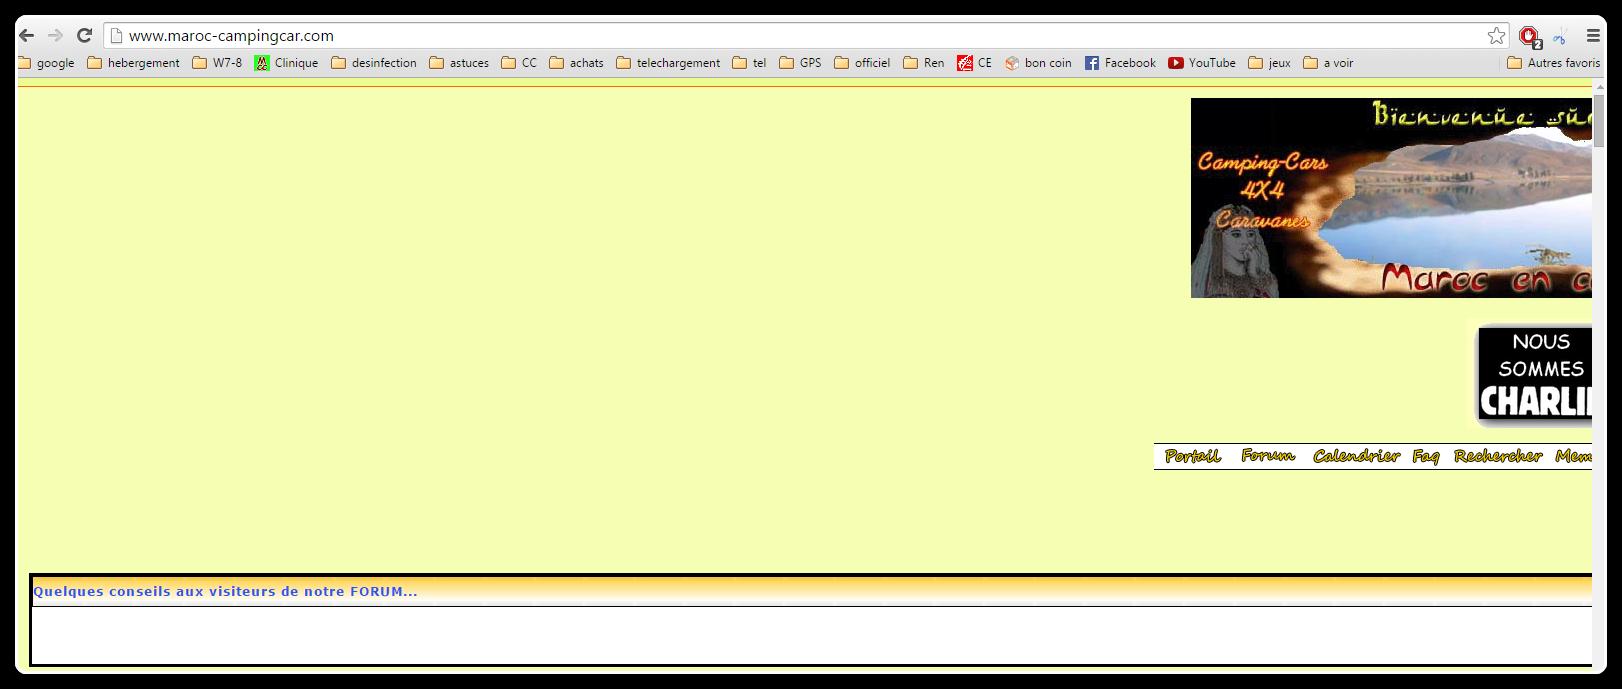 Décalage page d'accueil du forum File?l=VsFPDIqxd75G